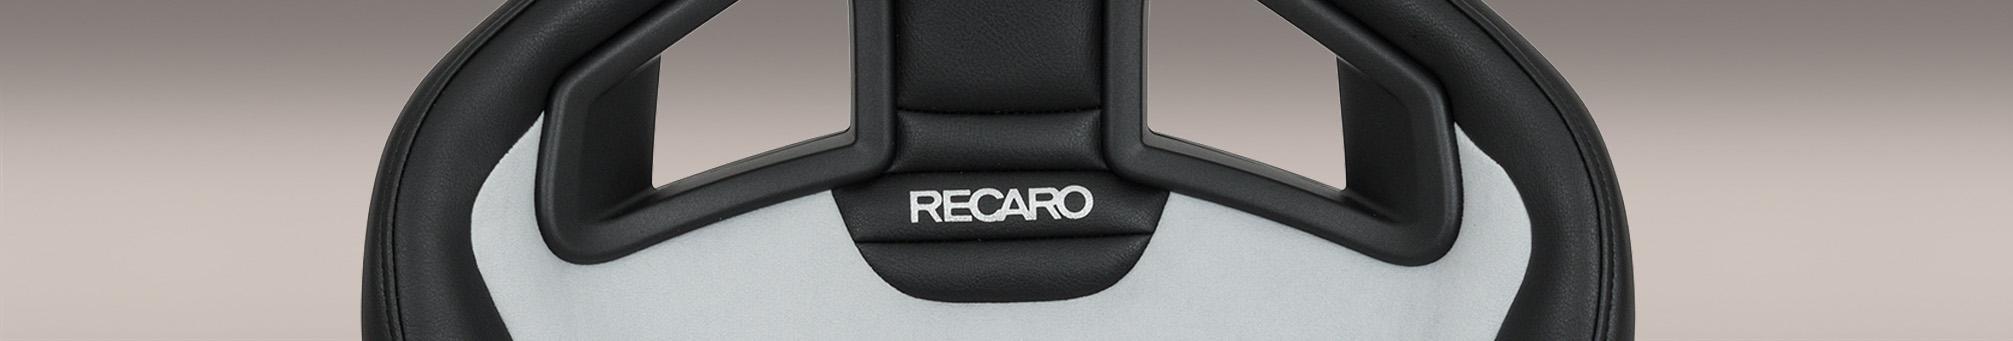 Sitzschienenverlängerung für alle Automarken und Sitzsysteme